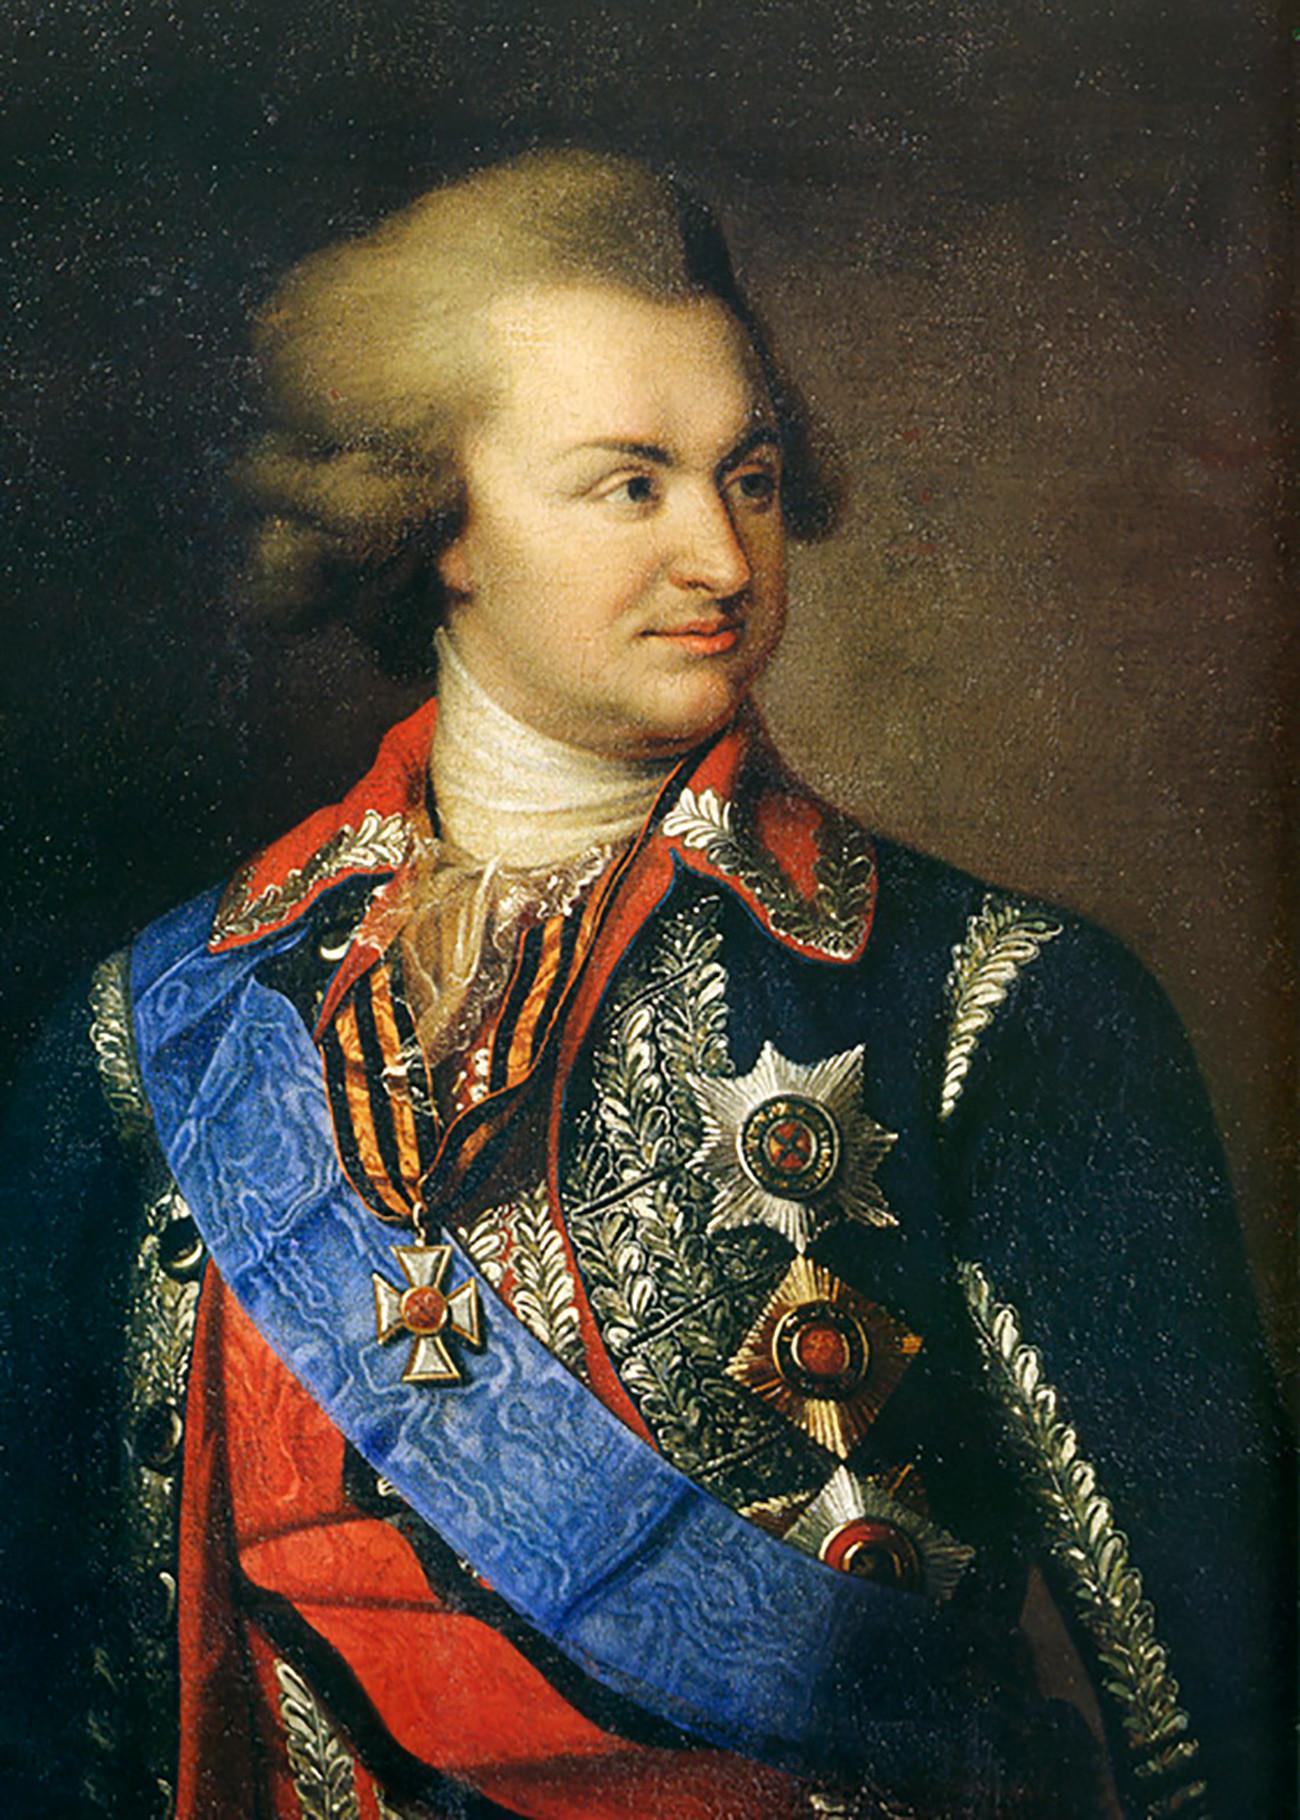 Светлейший князь Григорий Александрович Потёмкин-Таврический (1739-1791)